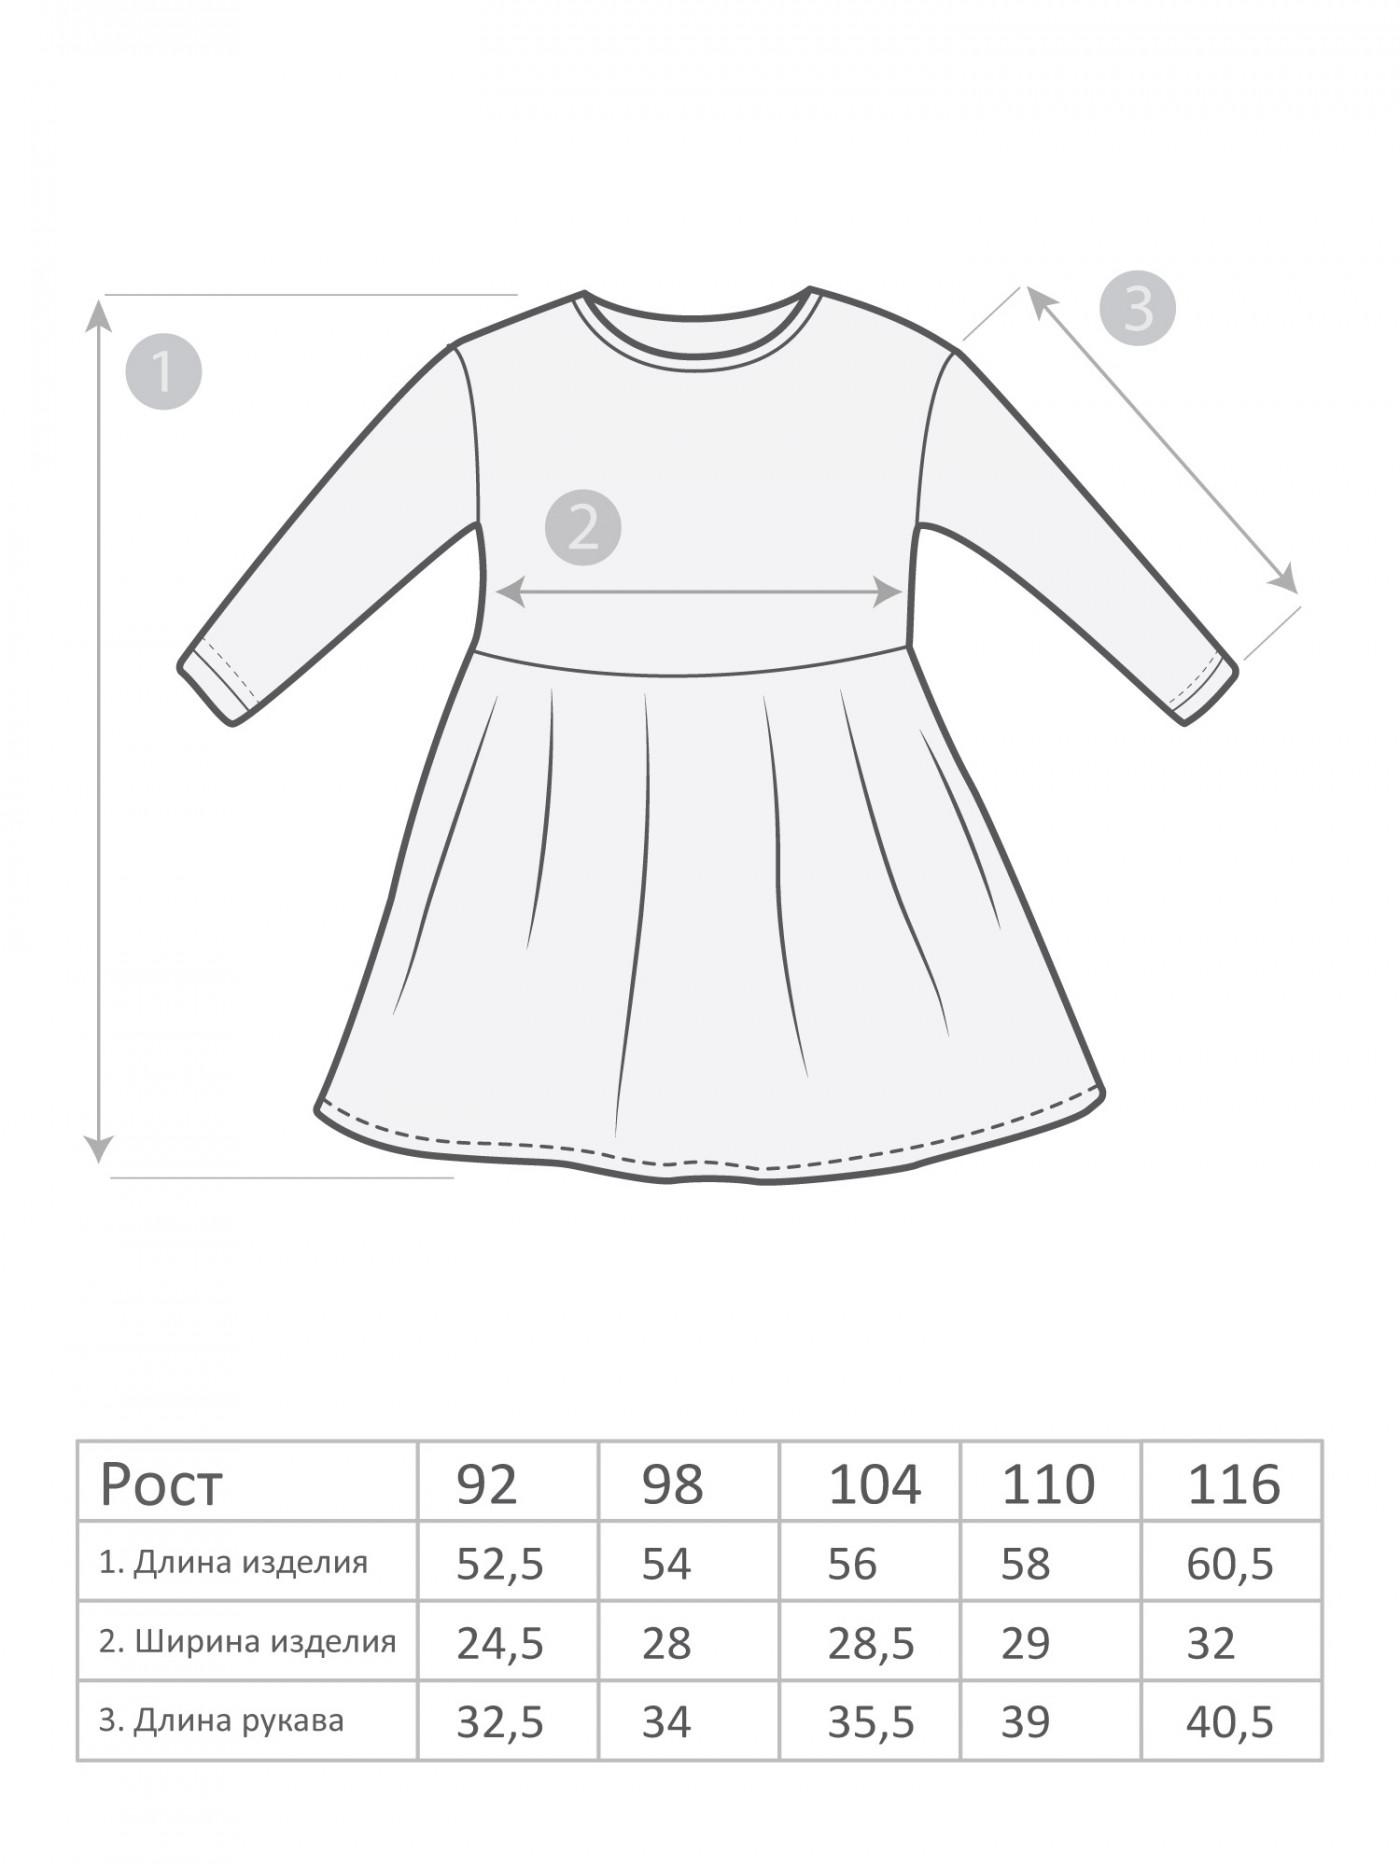 М-1720 Платье 92-116 5шт